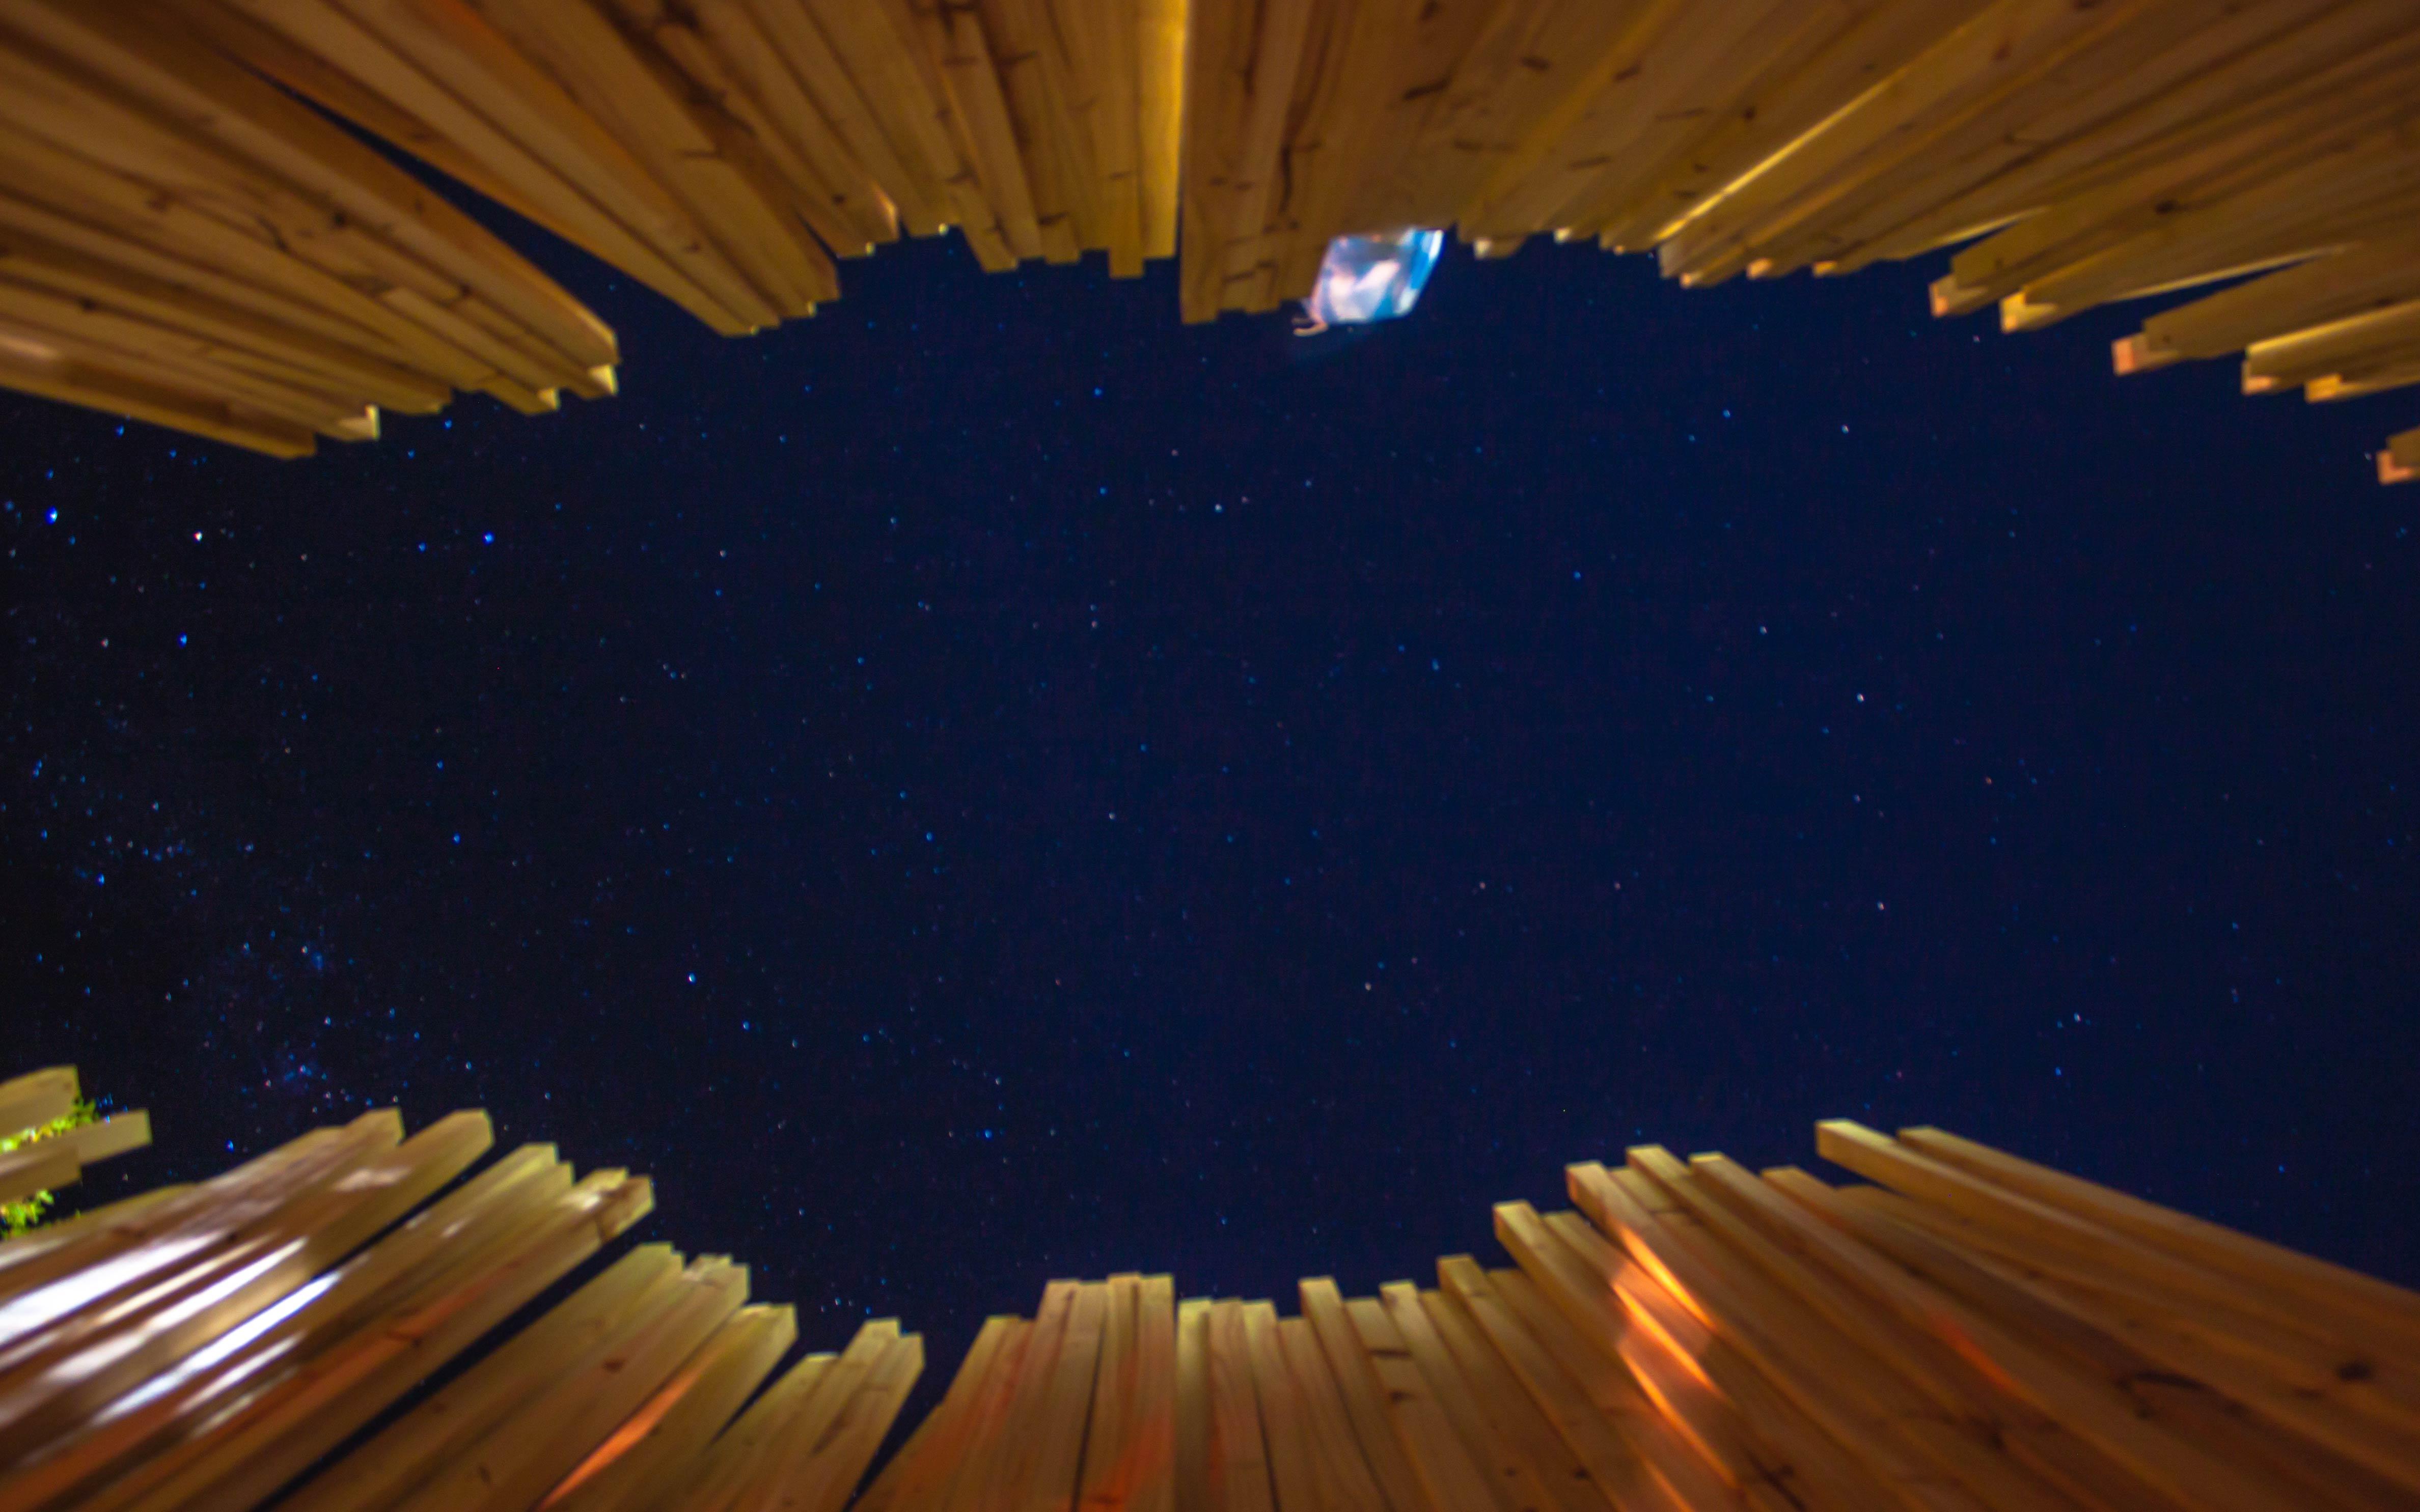 Arquitectura Diseño, Instalación Artistica: Construcción con listones de Madera espacio centra mirando al cielo nocturno